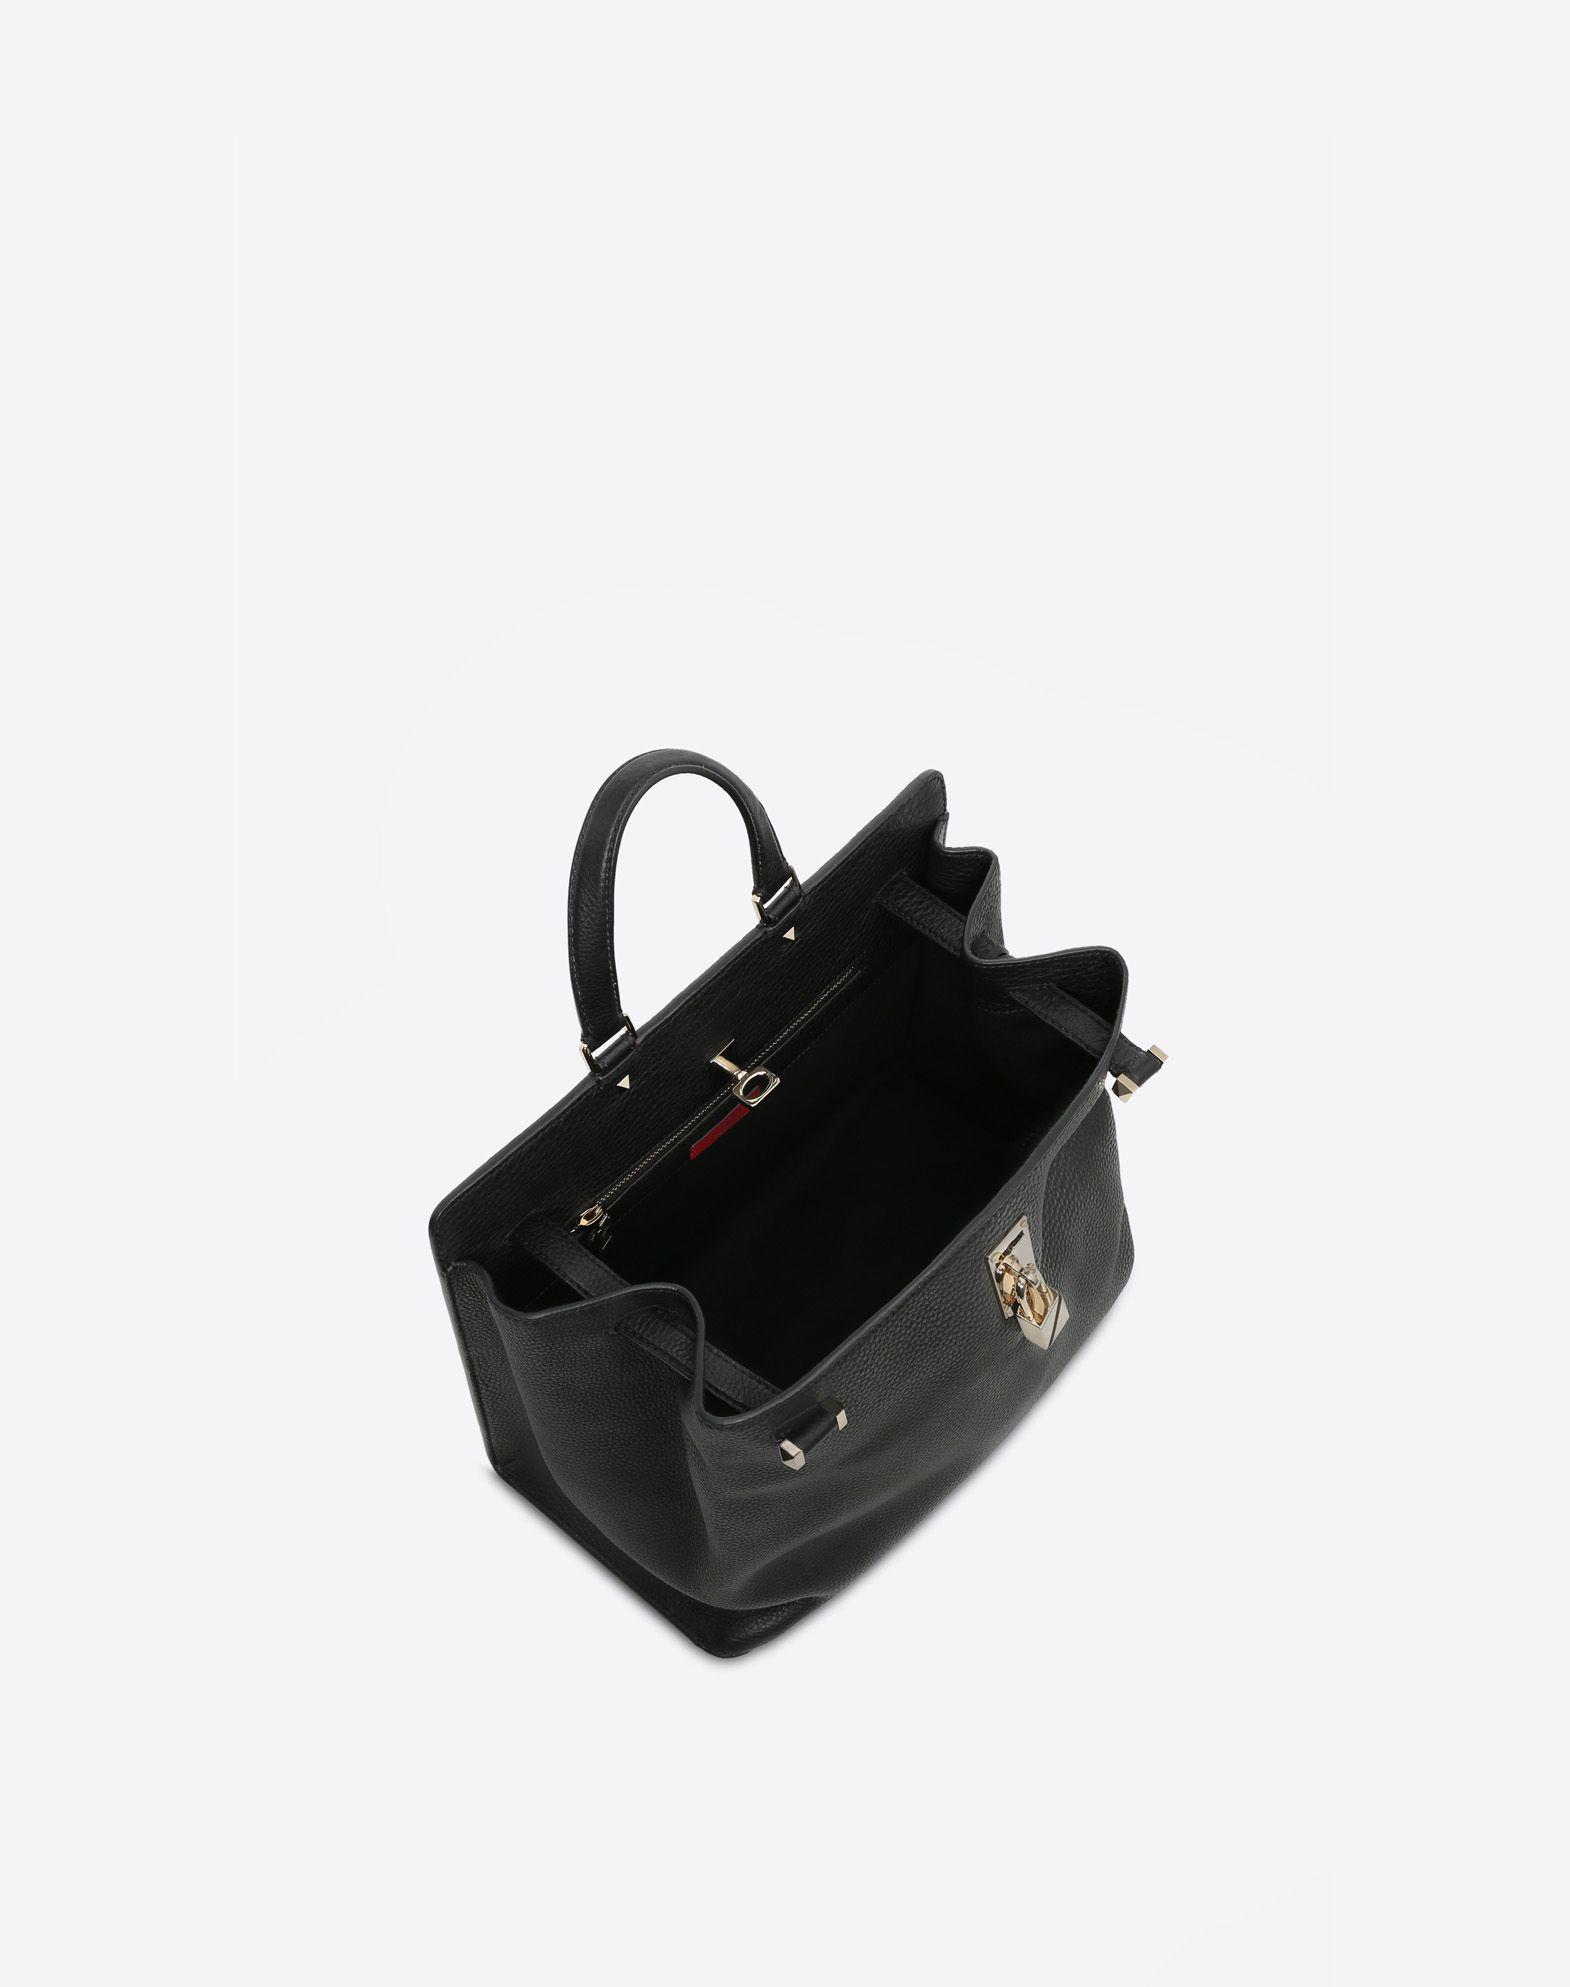 VALENTINO GARAVANI Joylock Handbag HANDBAG D e